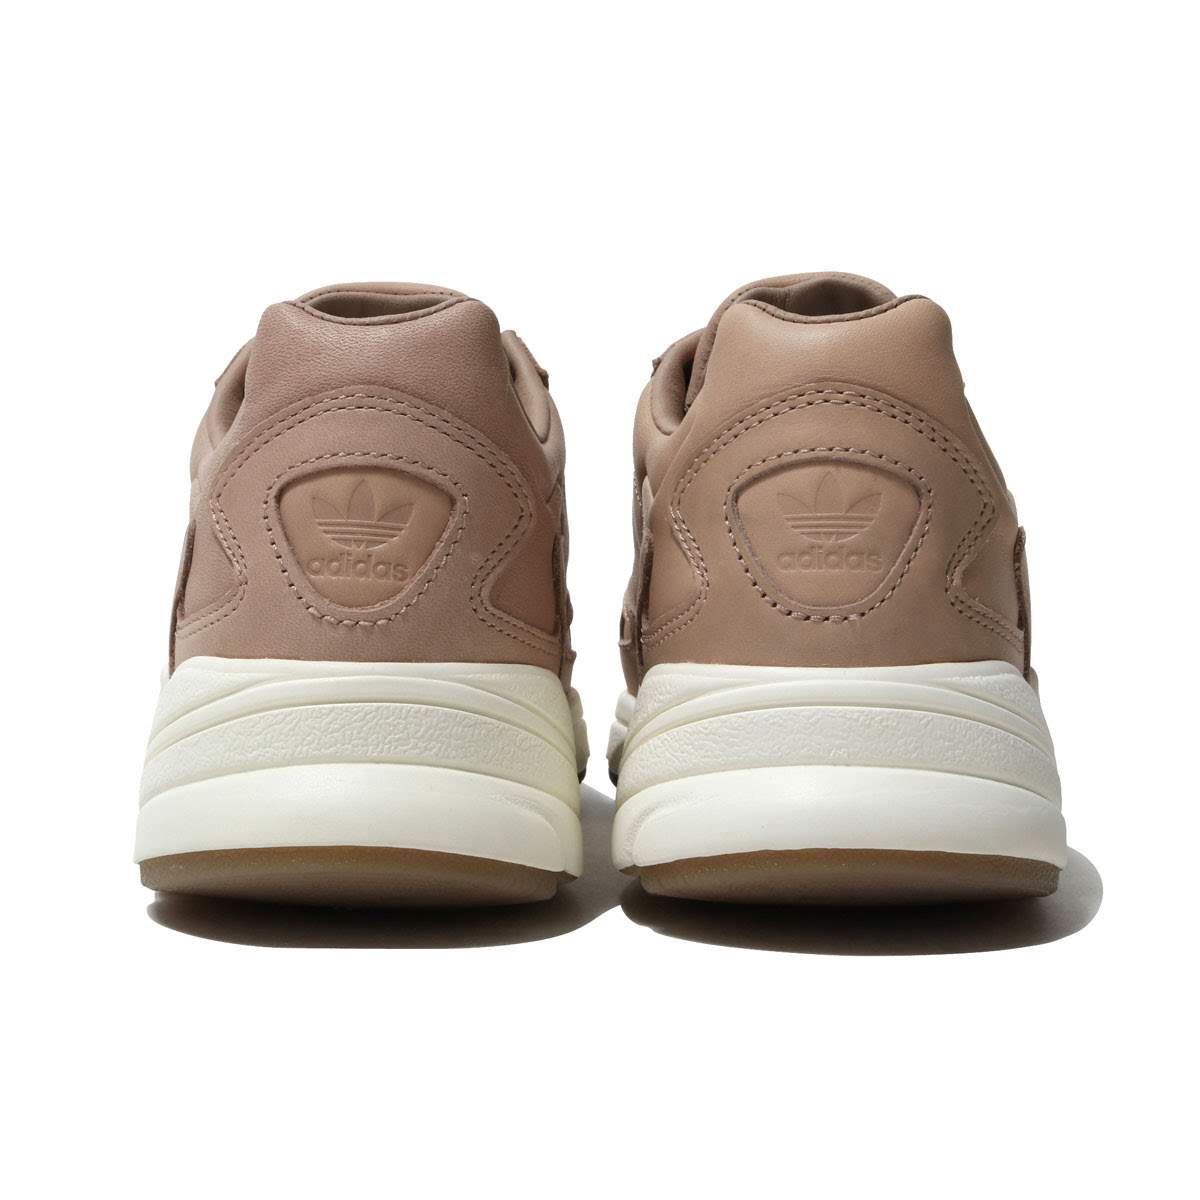 3a28bb7624622b adidas Originals ADIDASFALCON W (ASH PEARL ASH PEARL OFF WHITE) (Adidas  originals falcon W)